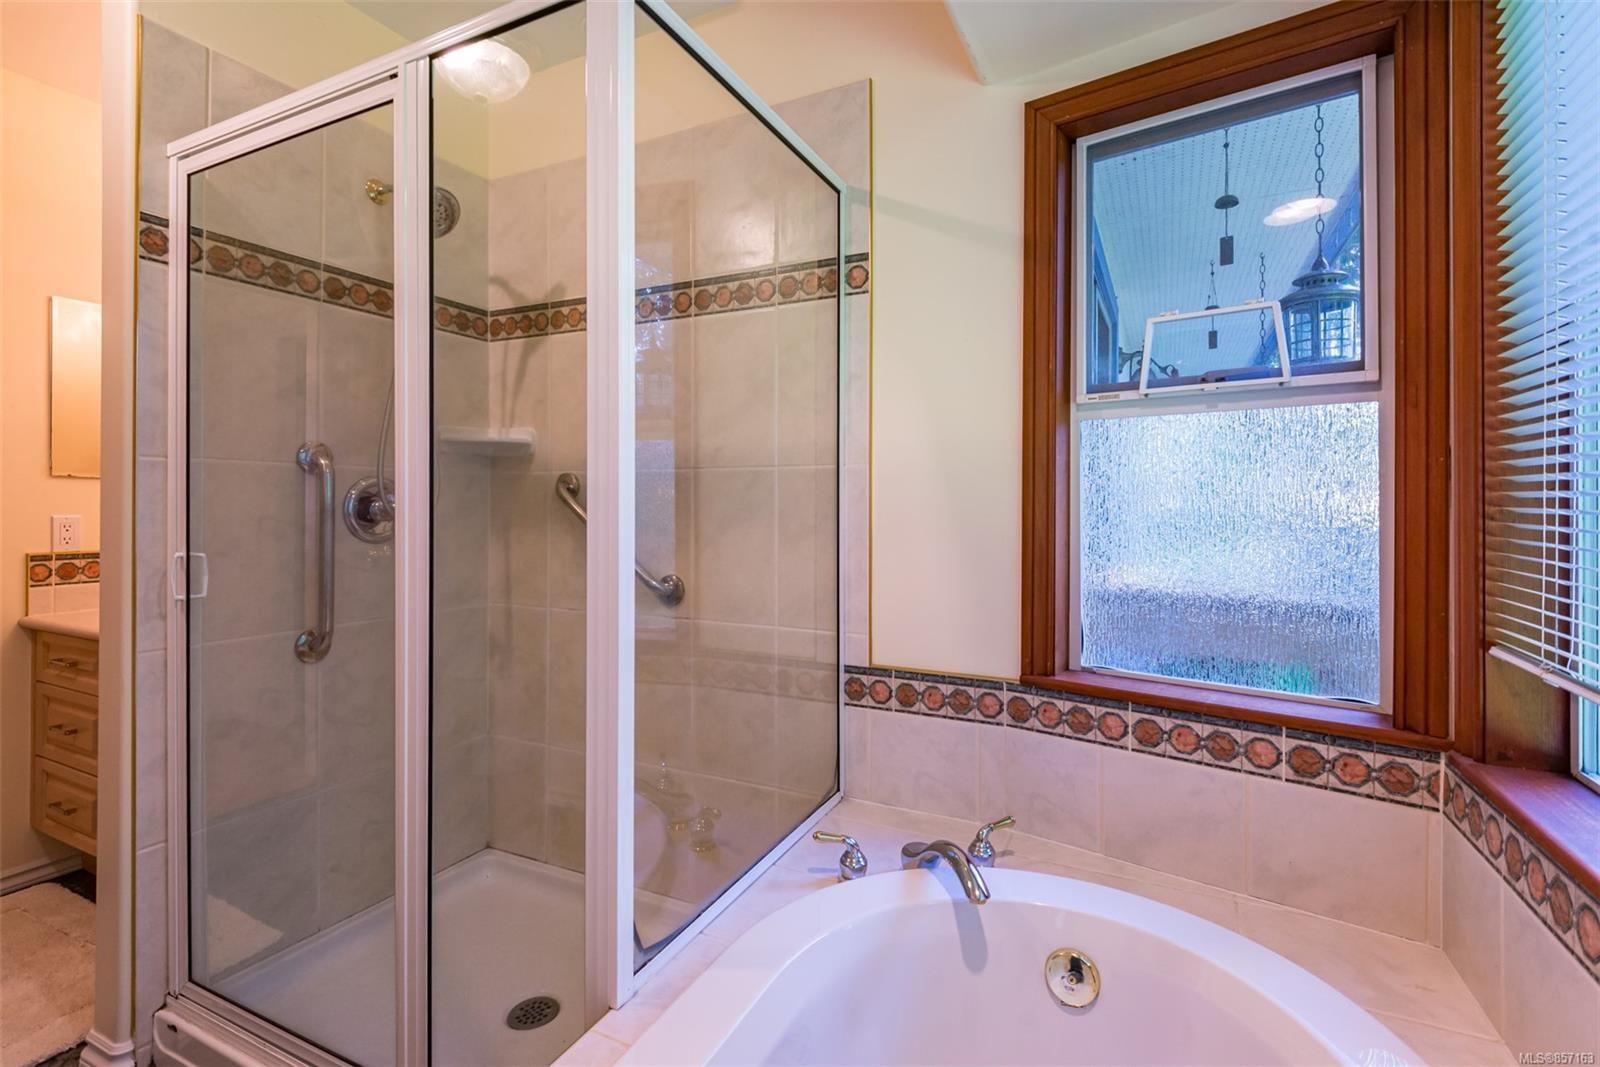 Photo 31: Photos: 4241 Buddington Rd in : CV Courtenay South House for sale (Comox Valley)  : MLS®# 857163